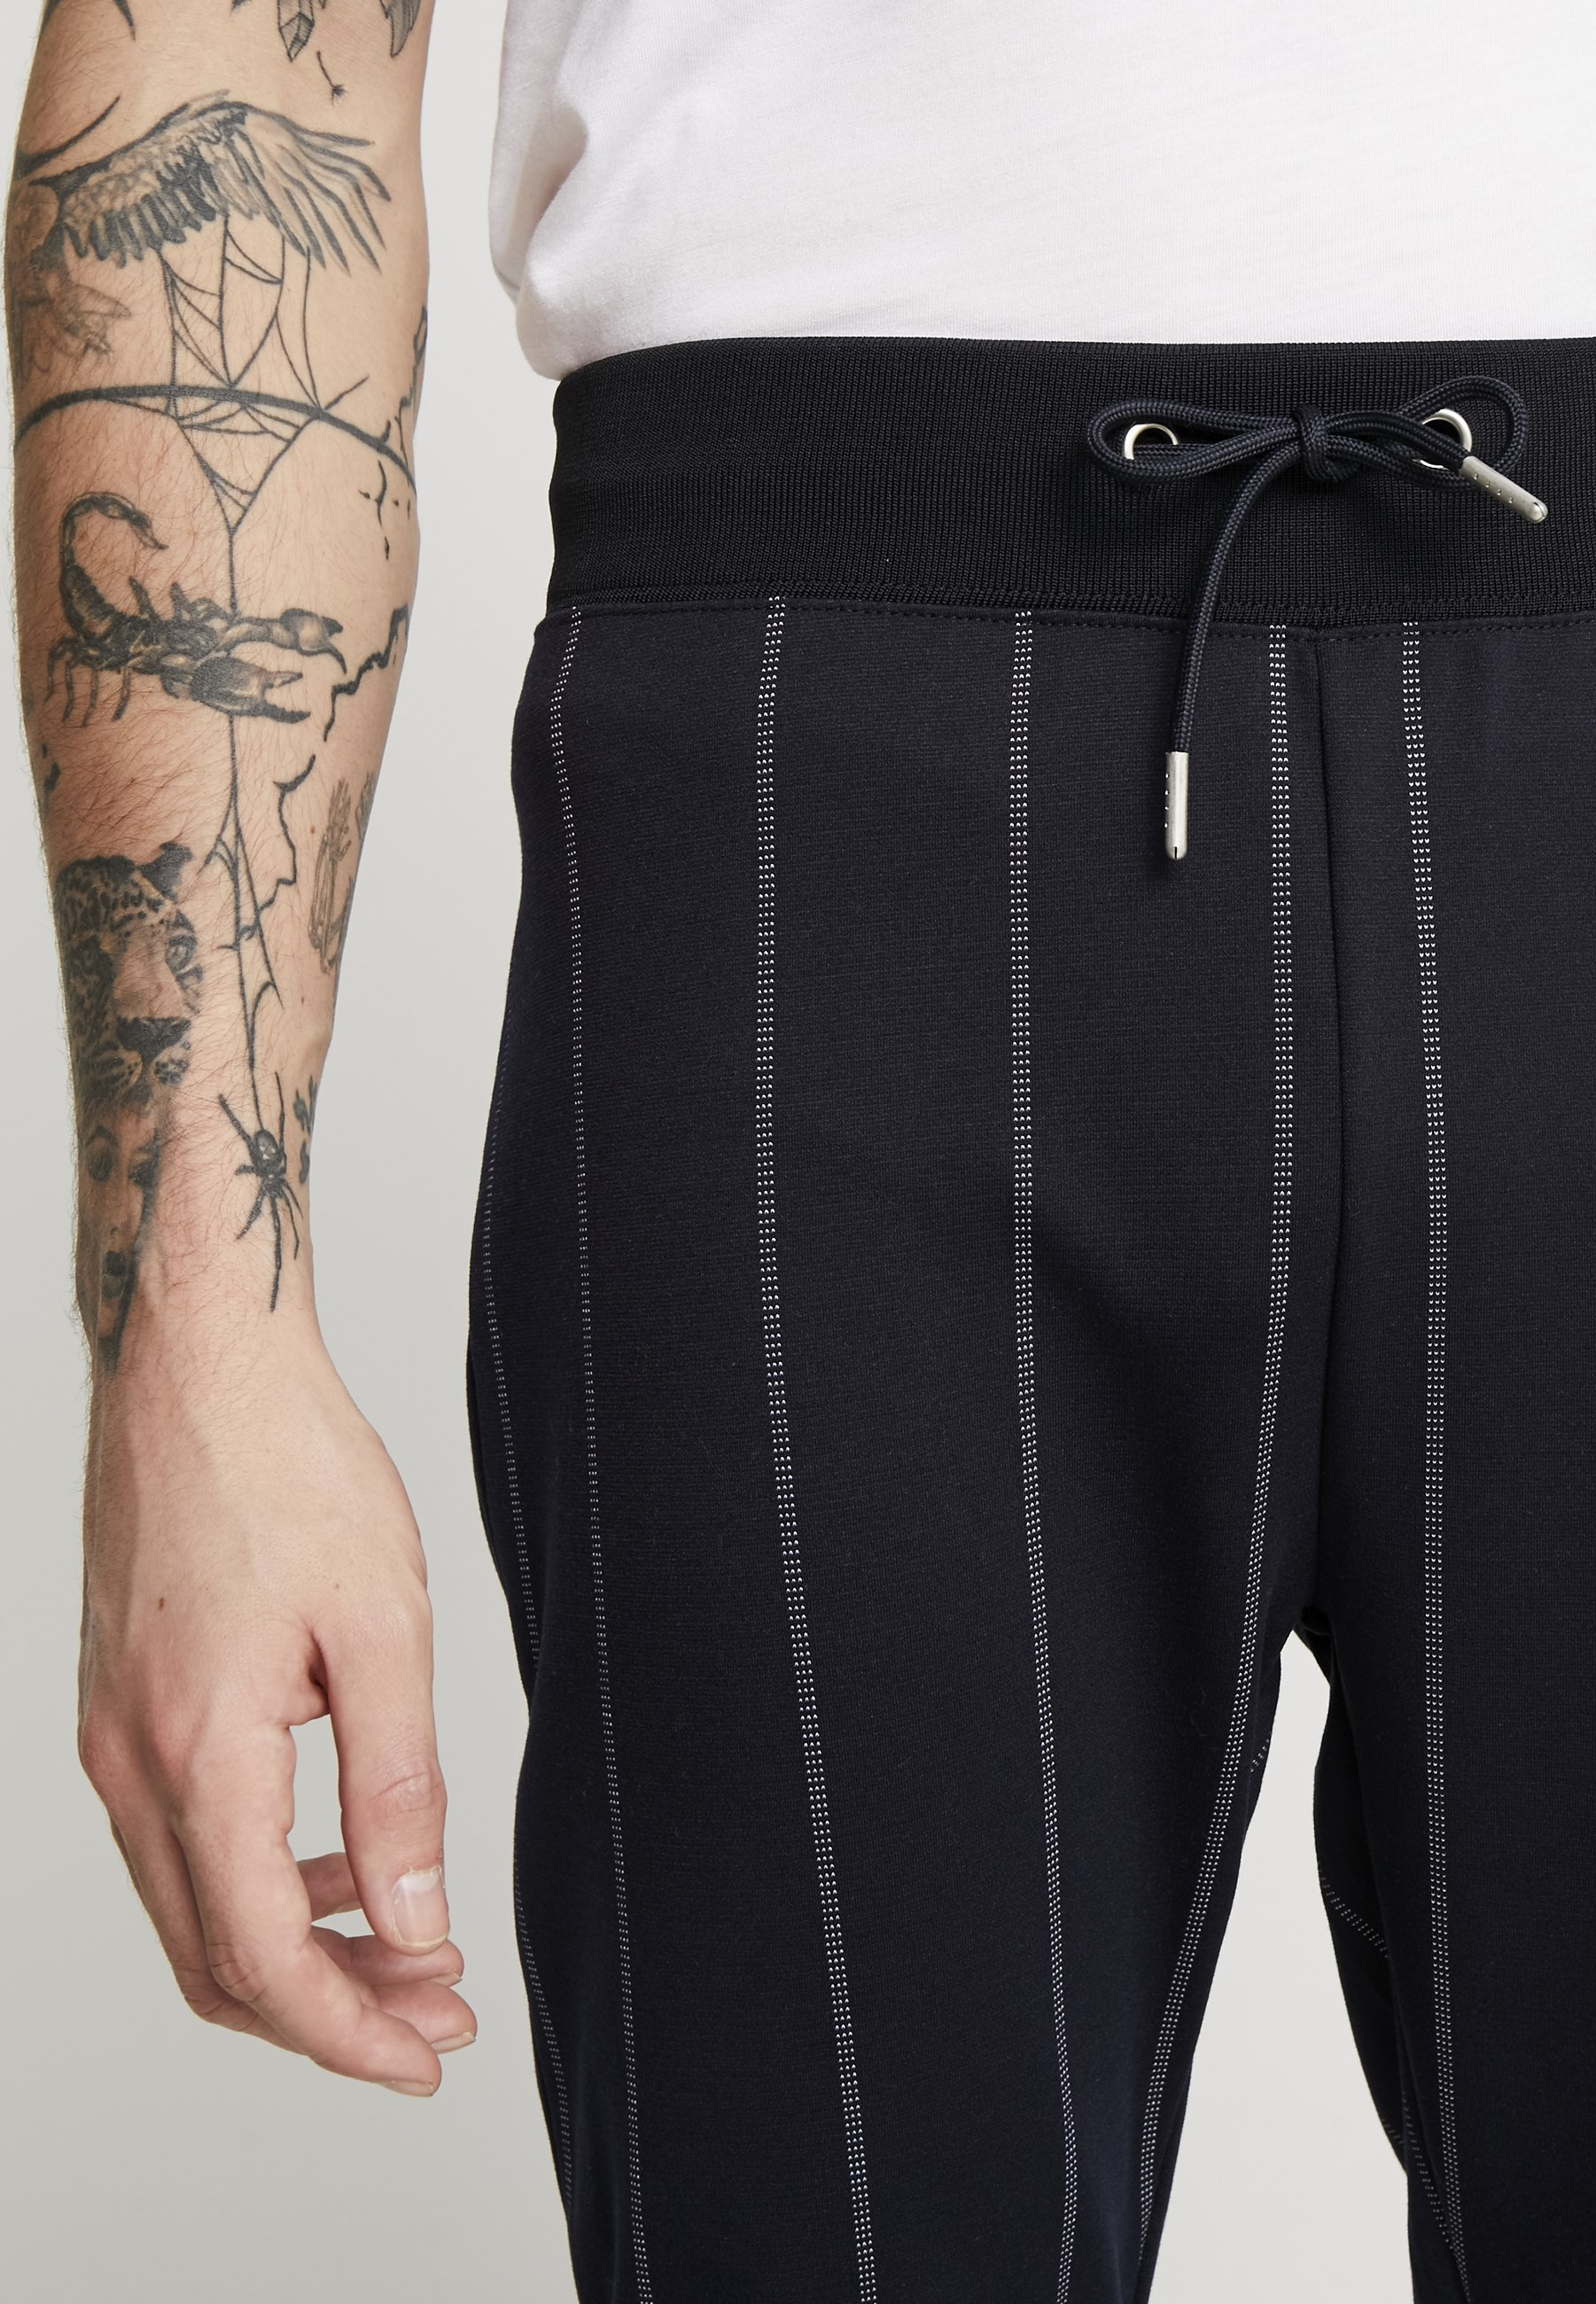 Topman PINSTRIPE TRACK  - Spodnie treningowe - dark blue - Odzież męska 2020